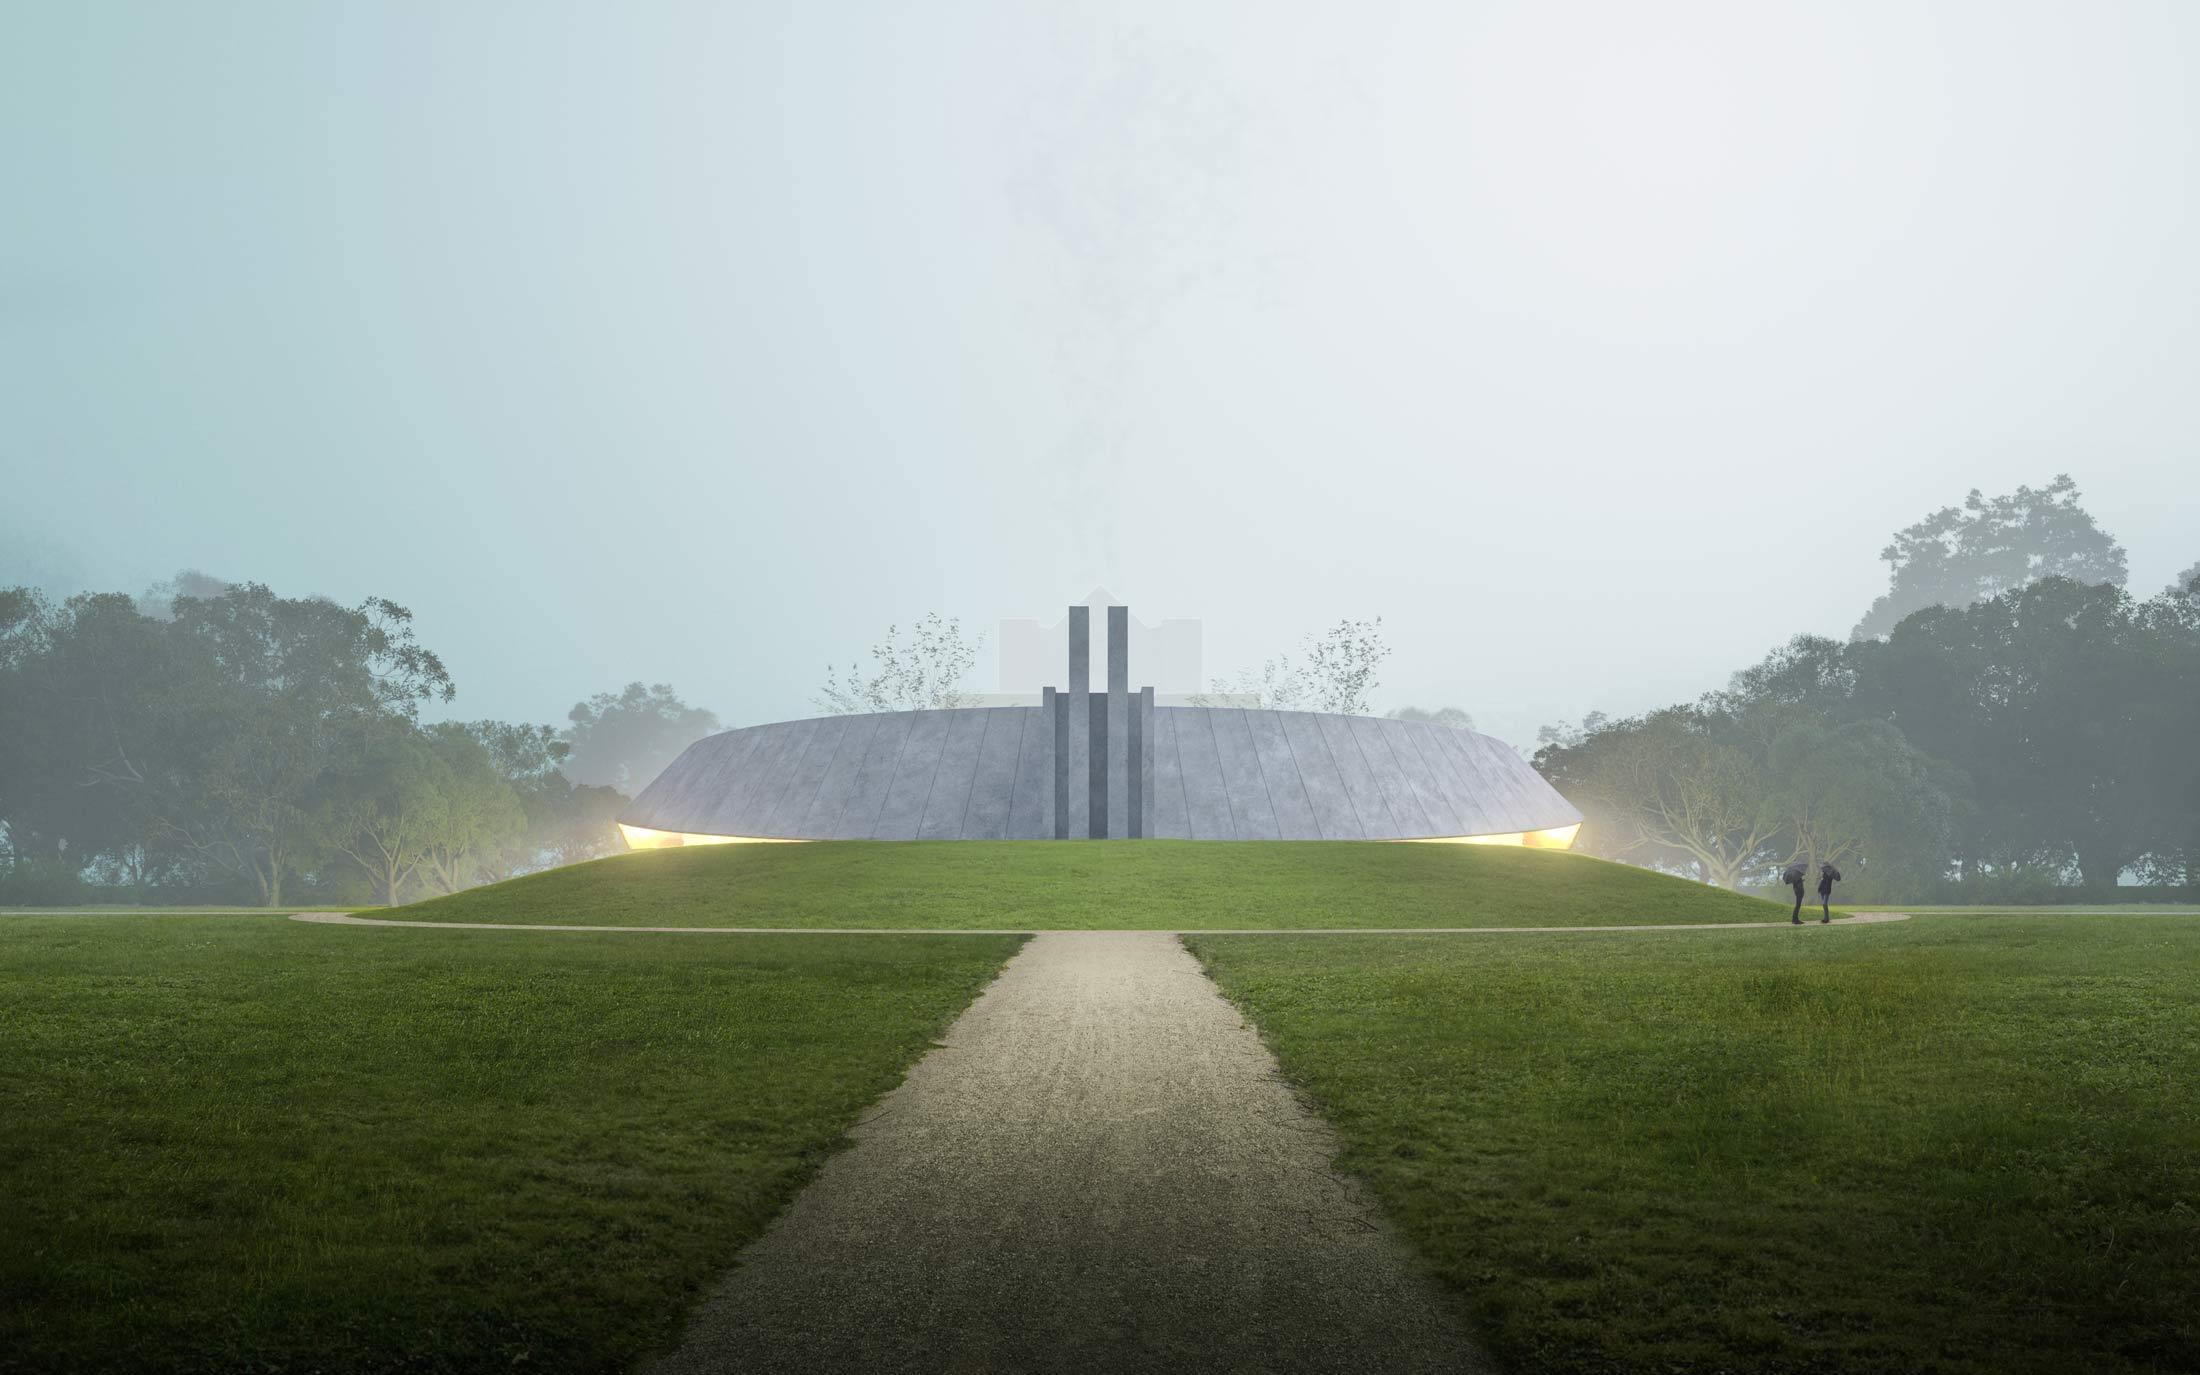 Krematorium Wien Wettbewerb